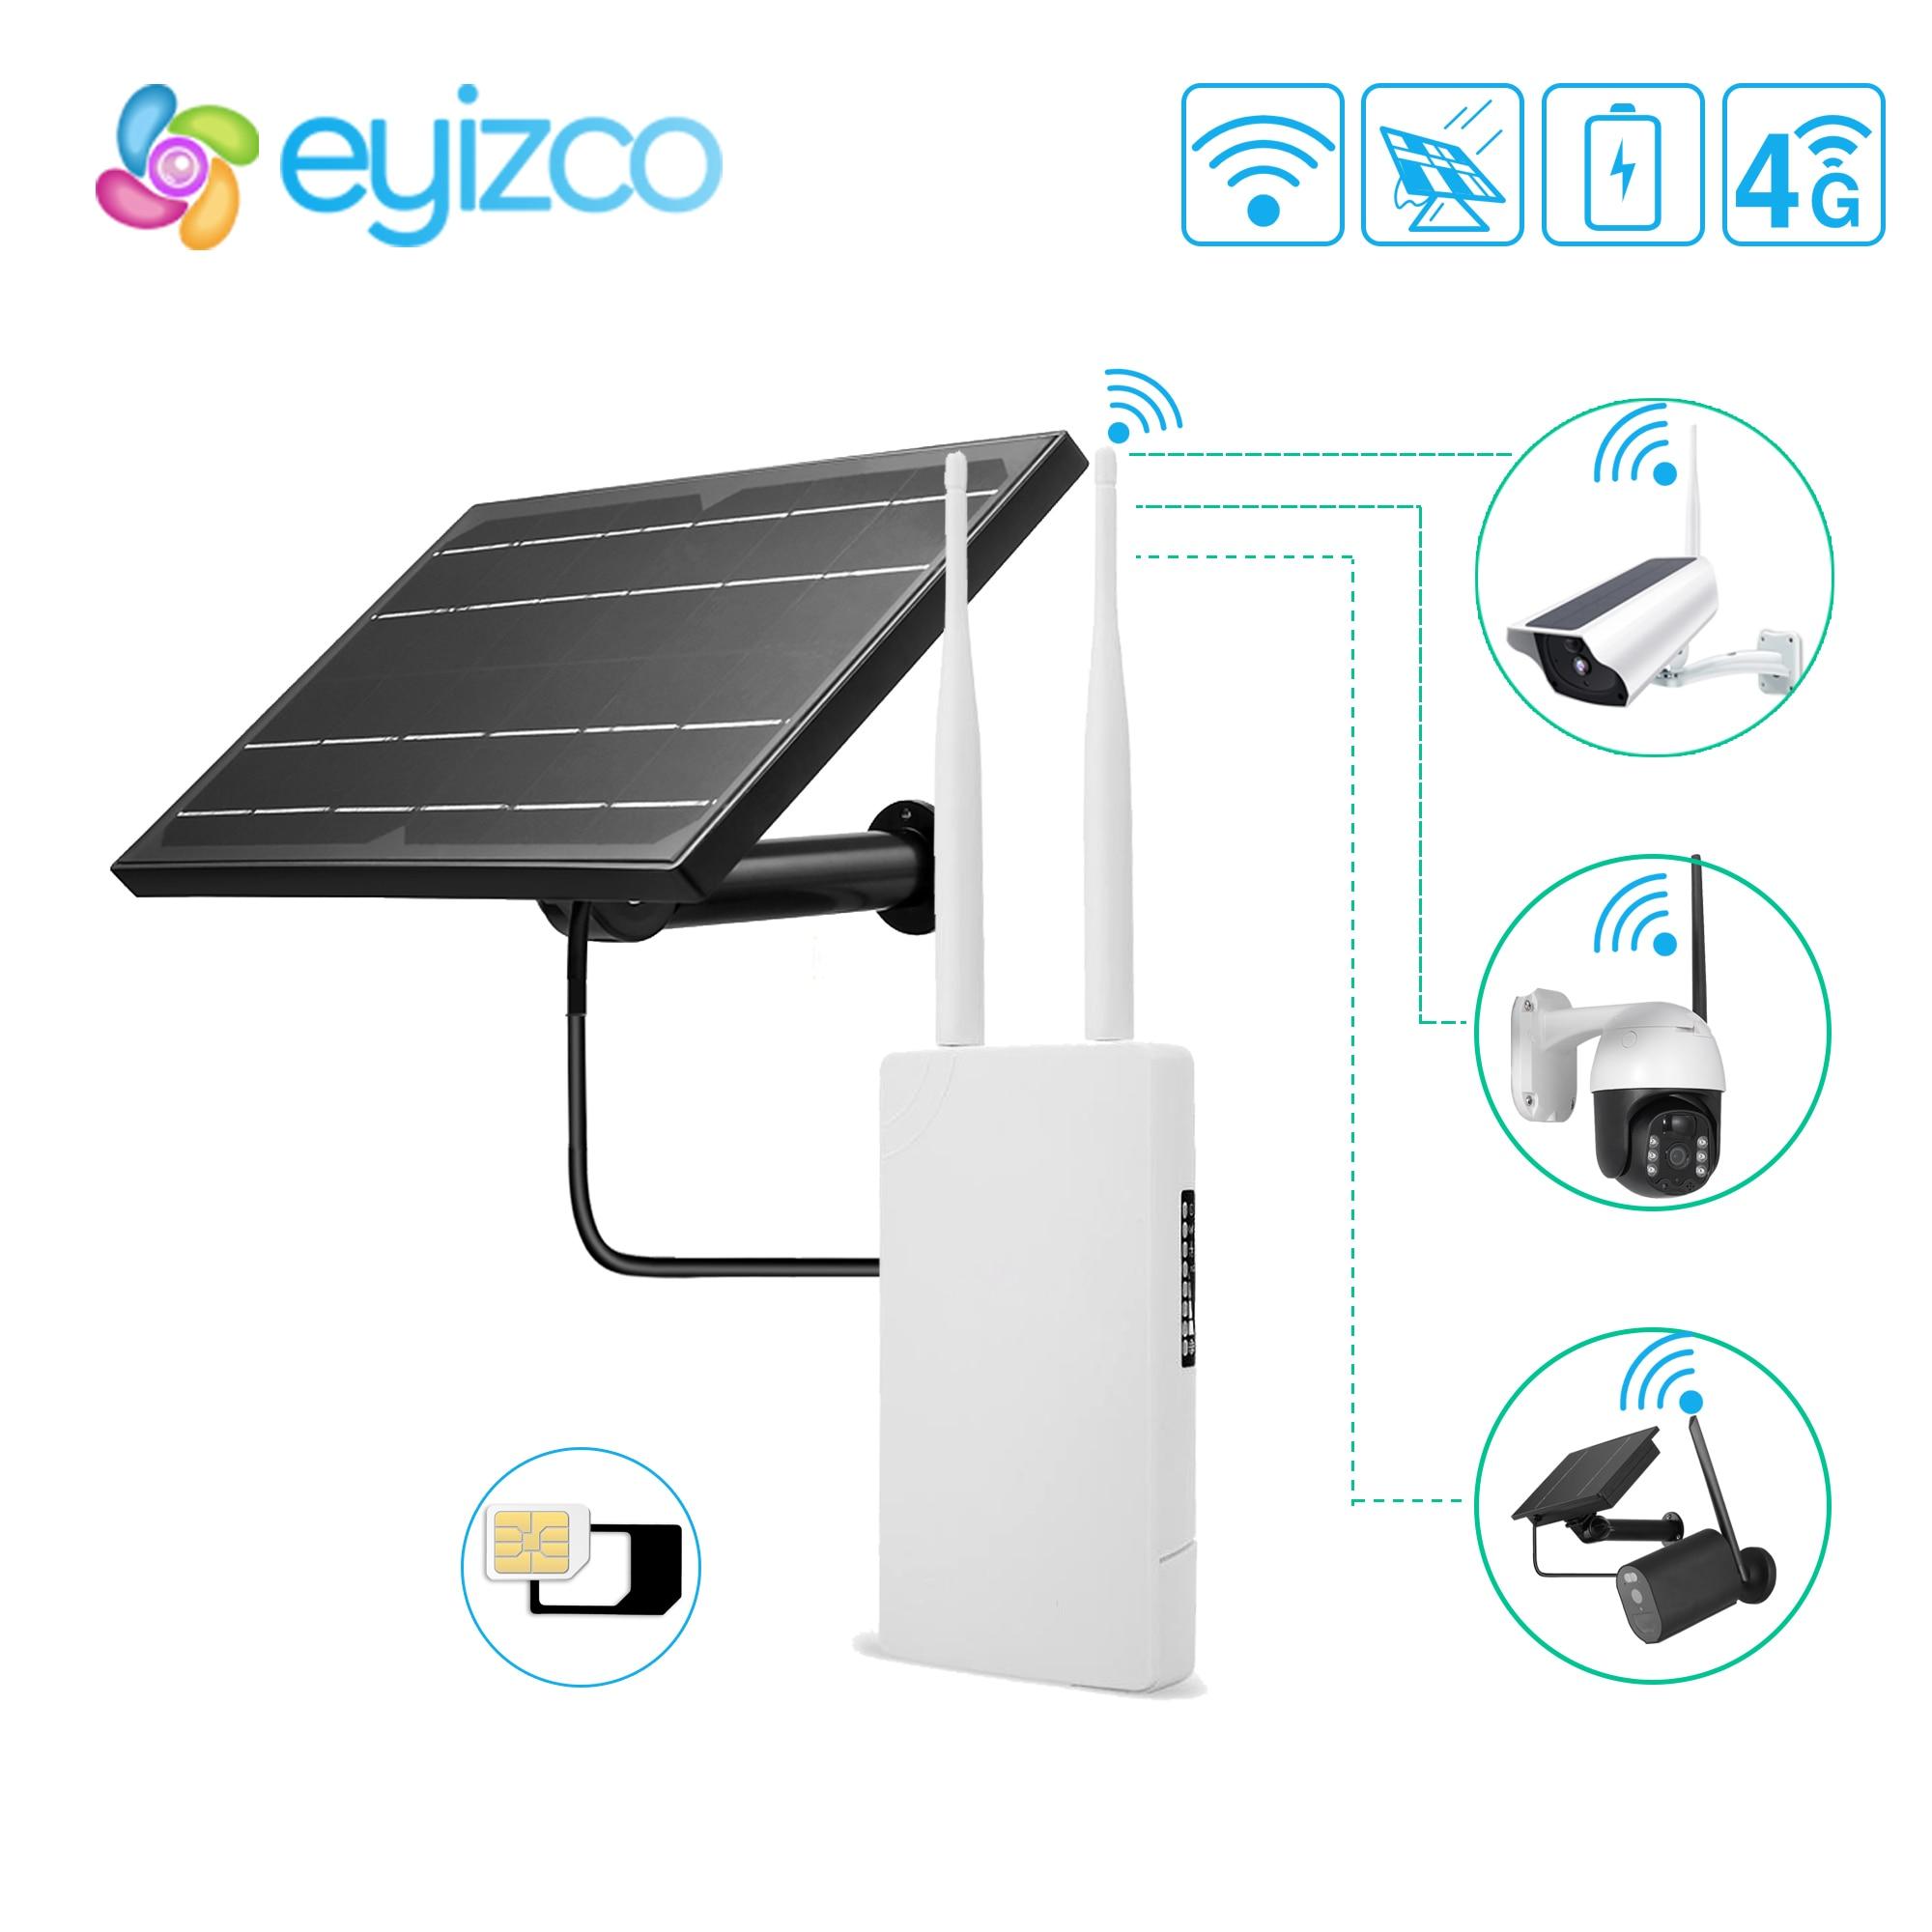 2.4G راوتر واي فاي في الهواء الطلق 18650 بطارية الطاقة الشمسية GSM بطاقة Sim 5V 12V 4G راوتر لكاميرا IP الشمسية واي فاي نظام الحماية المنزلي